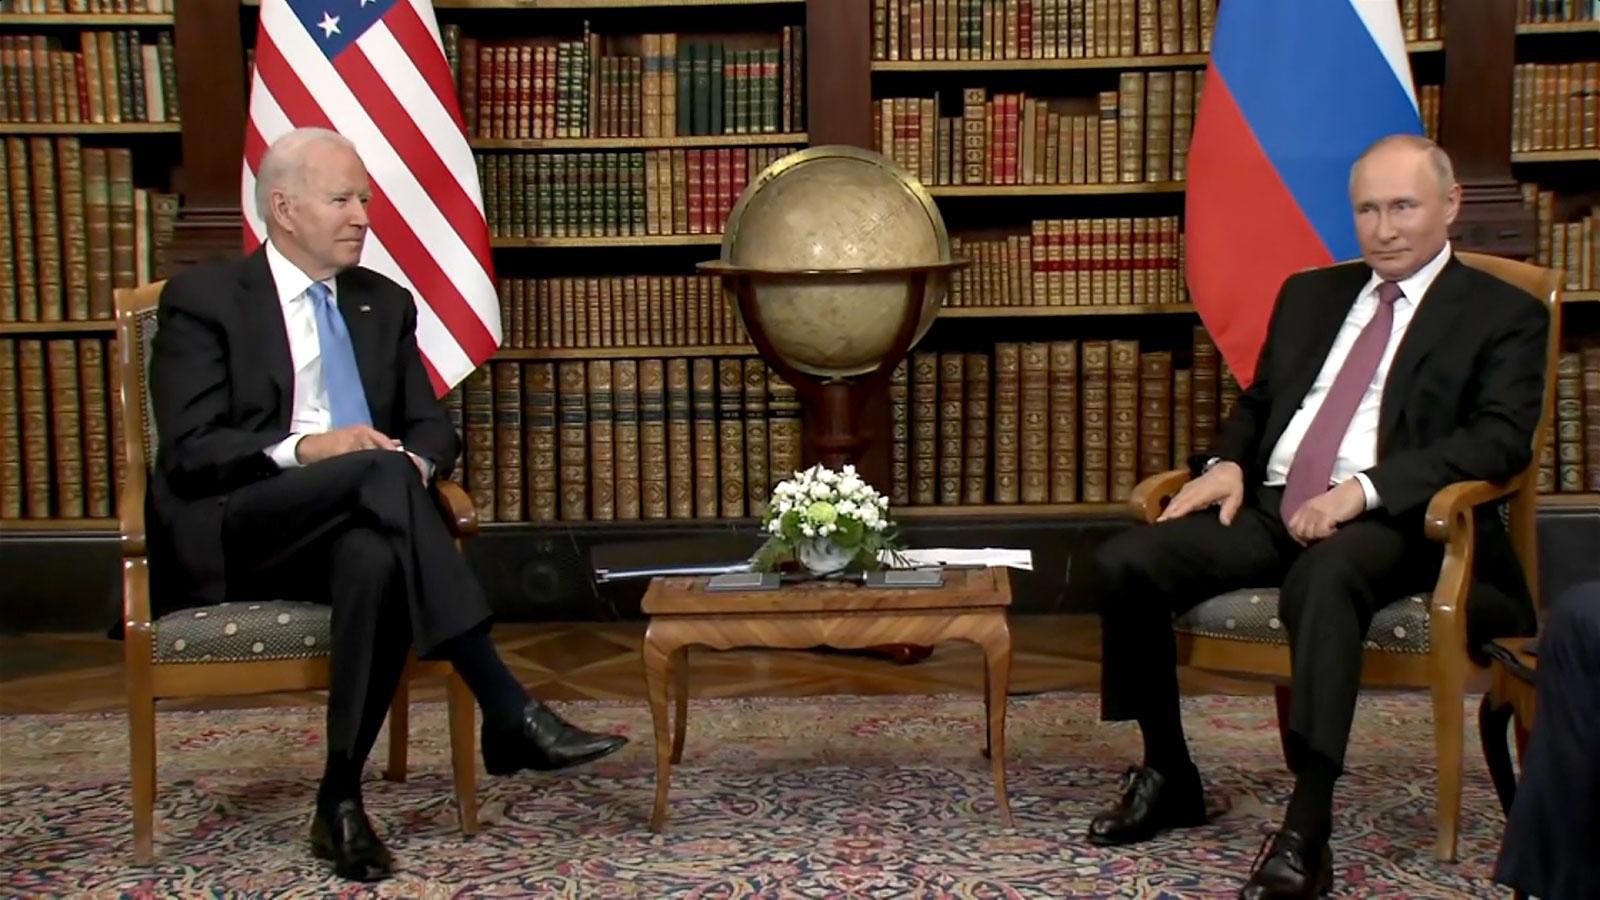 Tổng thống Mỹ Biden và Tổng thống Nga Putin lần đầu tiên hội đàm trực tiếp